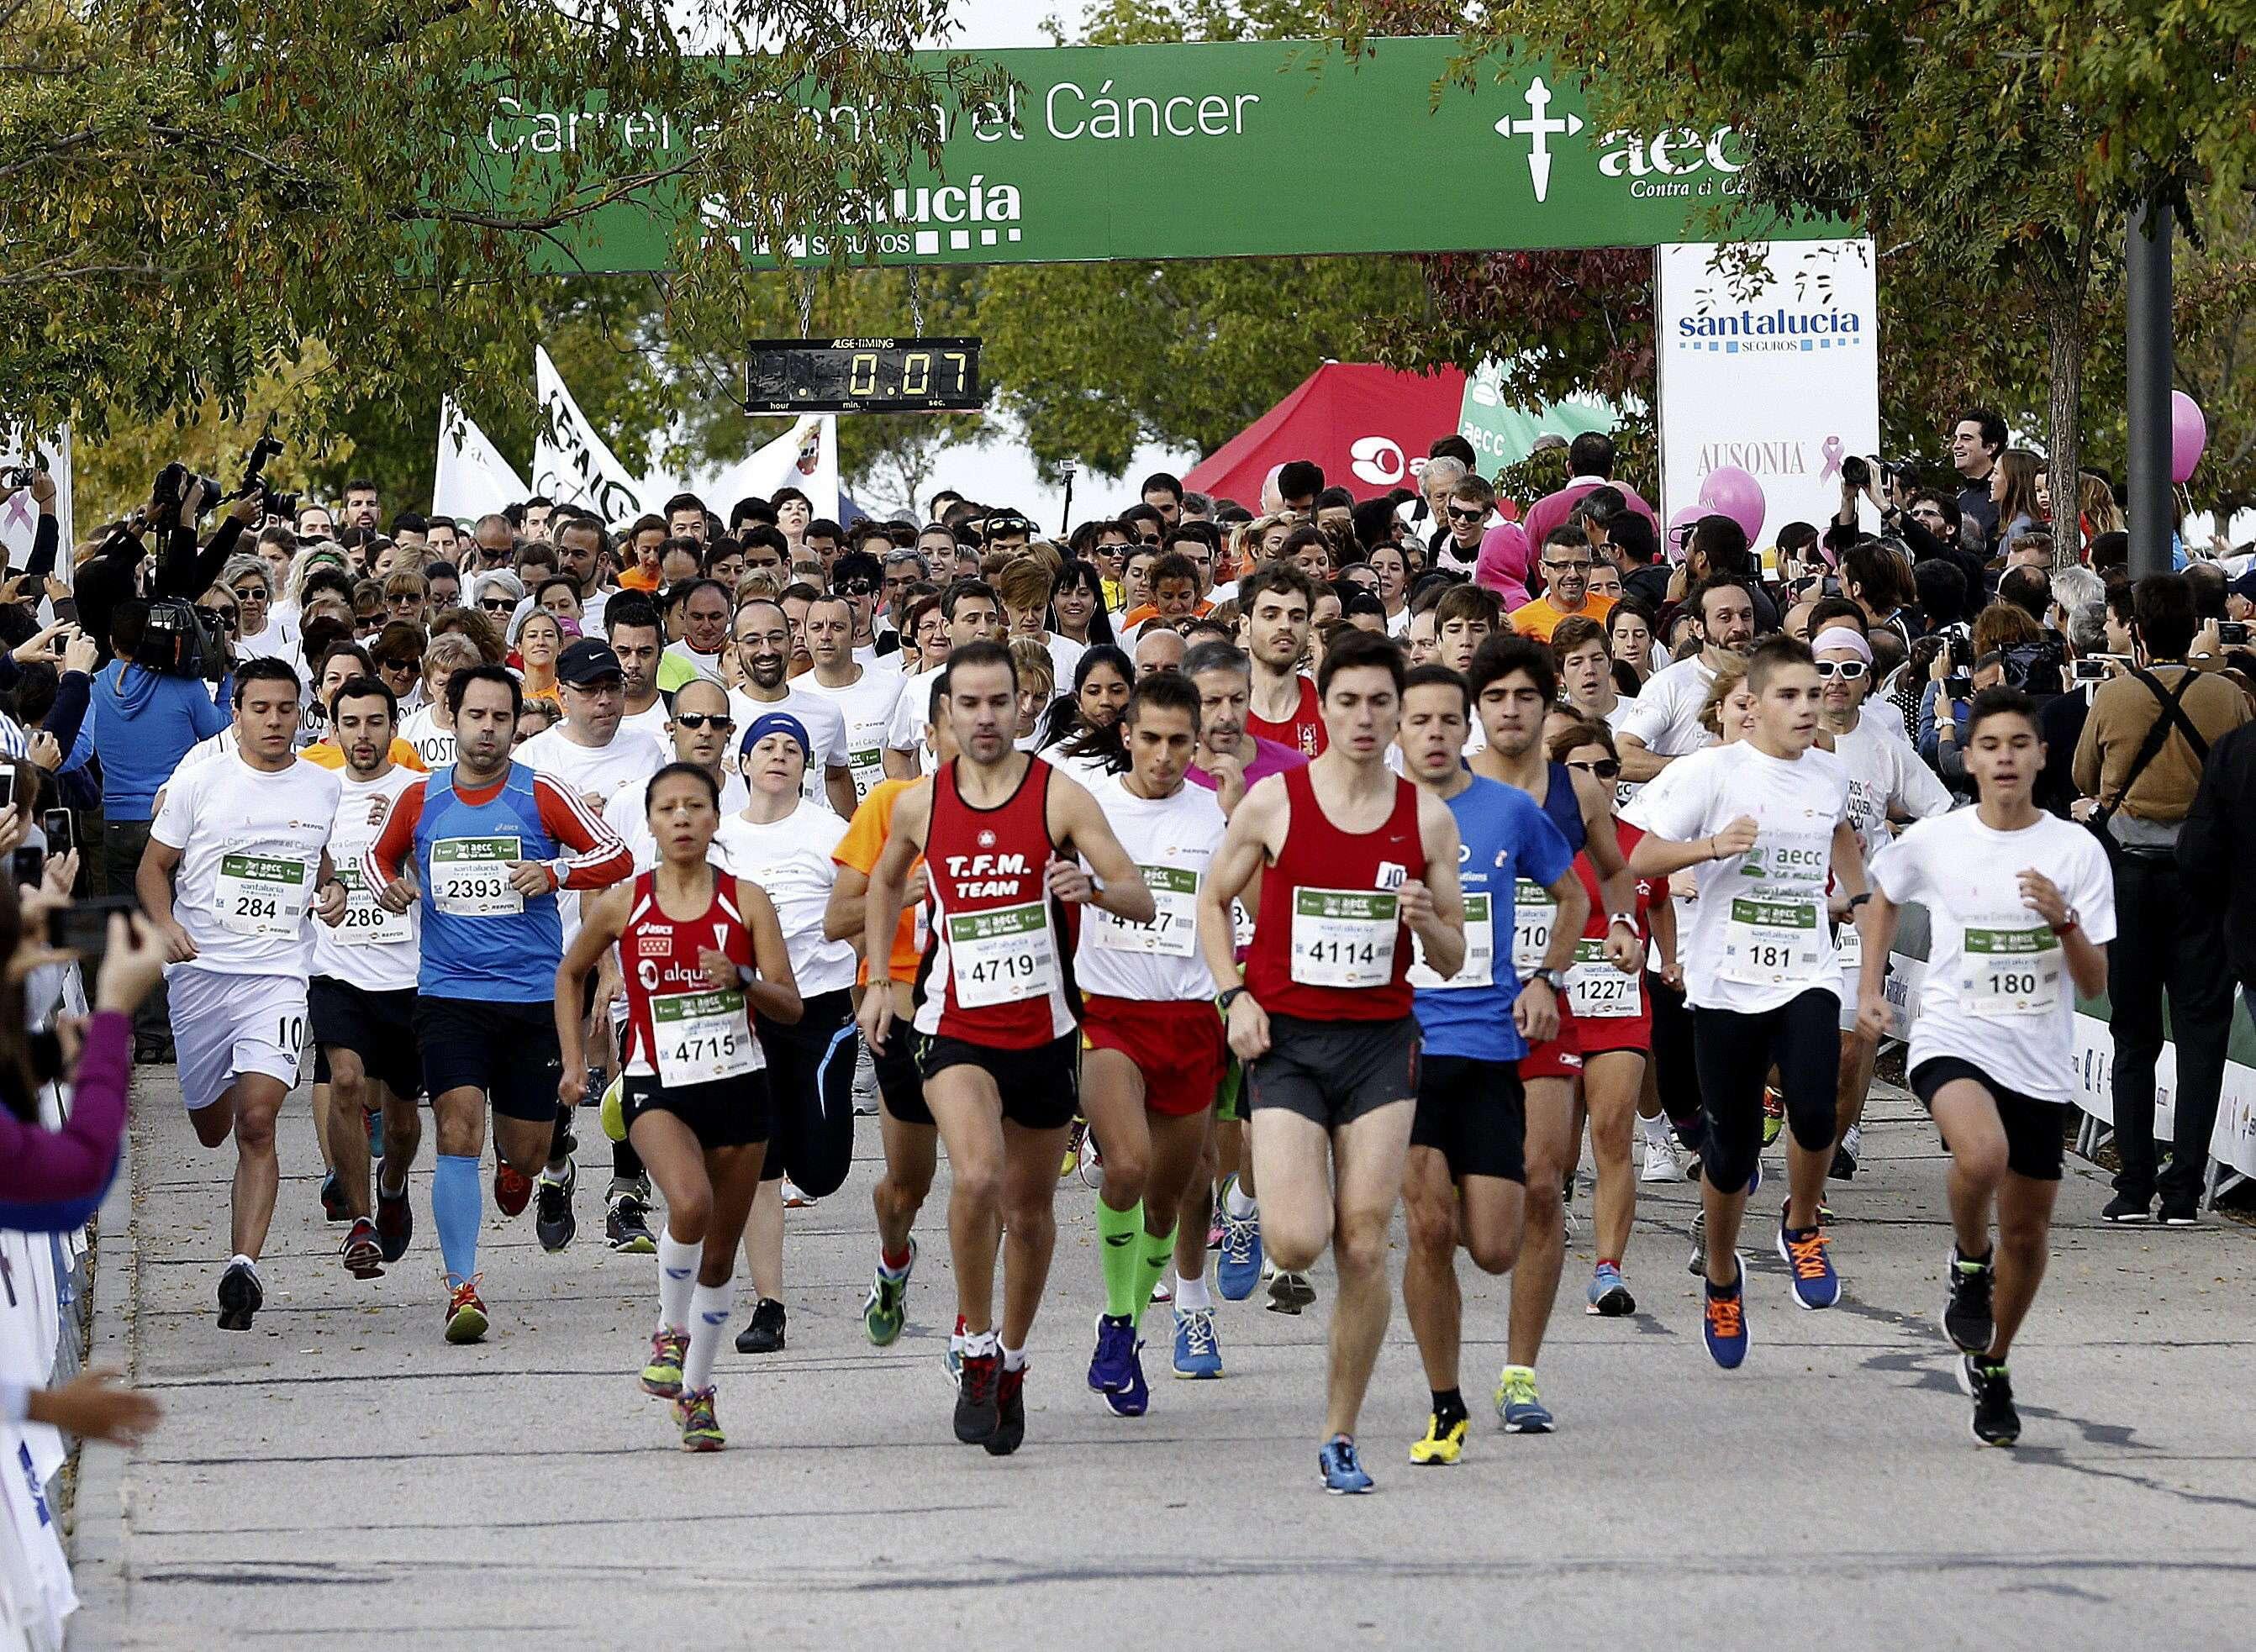 Salida de la Primera edición de la 'Carrera en Marcha contra el Cáncer' que organiza la Asociación Española contra el Cáncer (AECC) con dos circuitos de 4 y 10 kilómetros, hoy en el Parque Juan Carlos I de Madrid. Foto: EFE en español